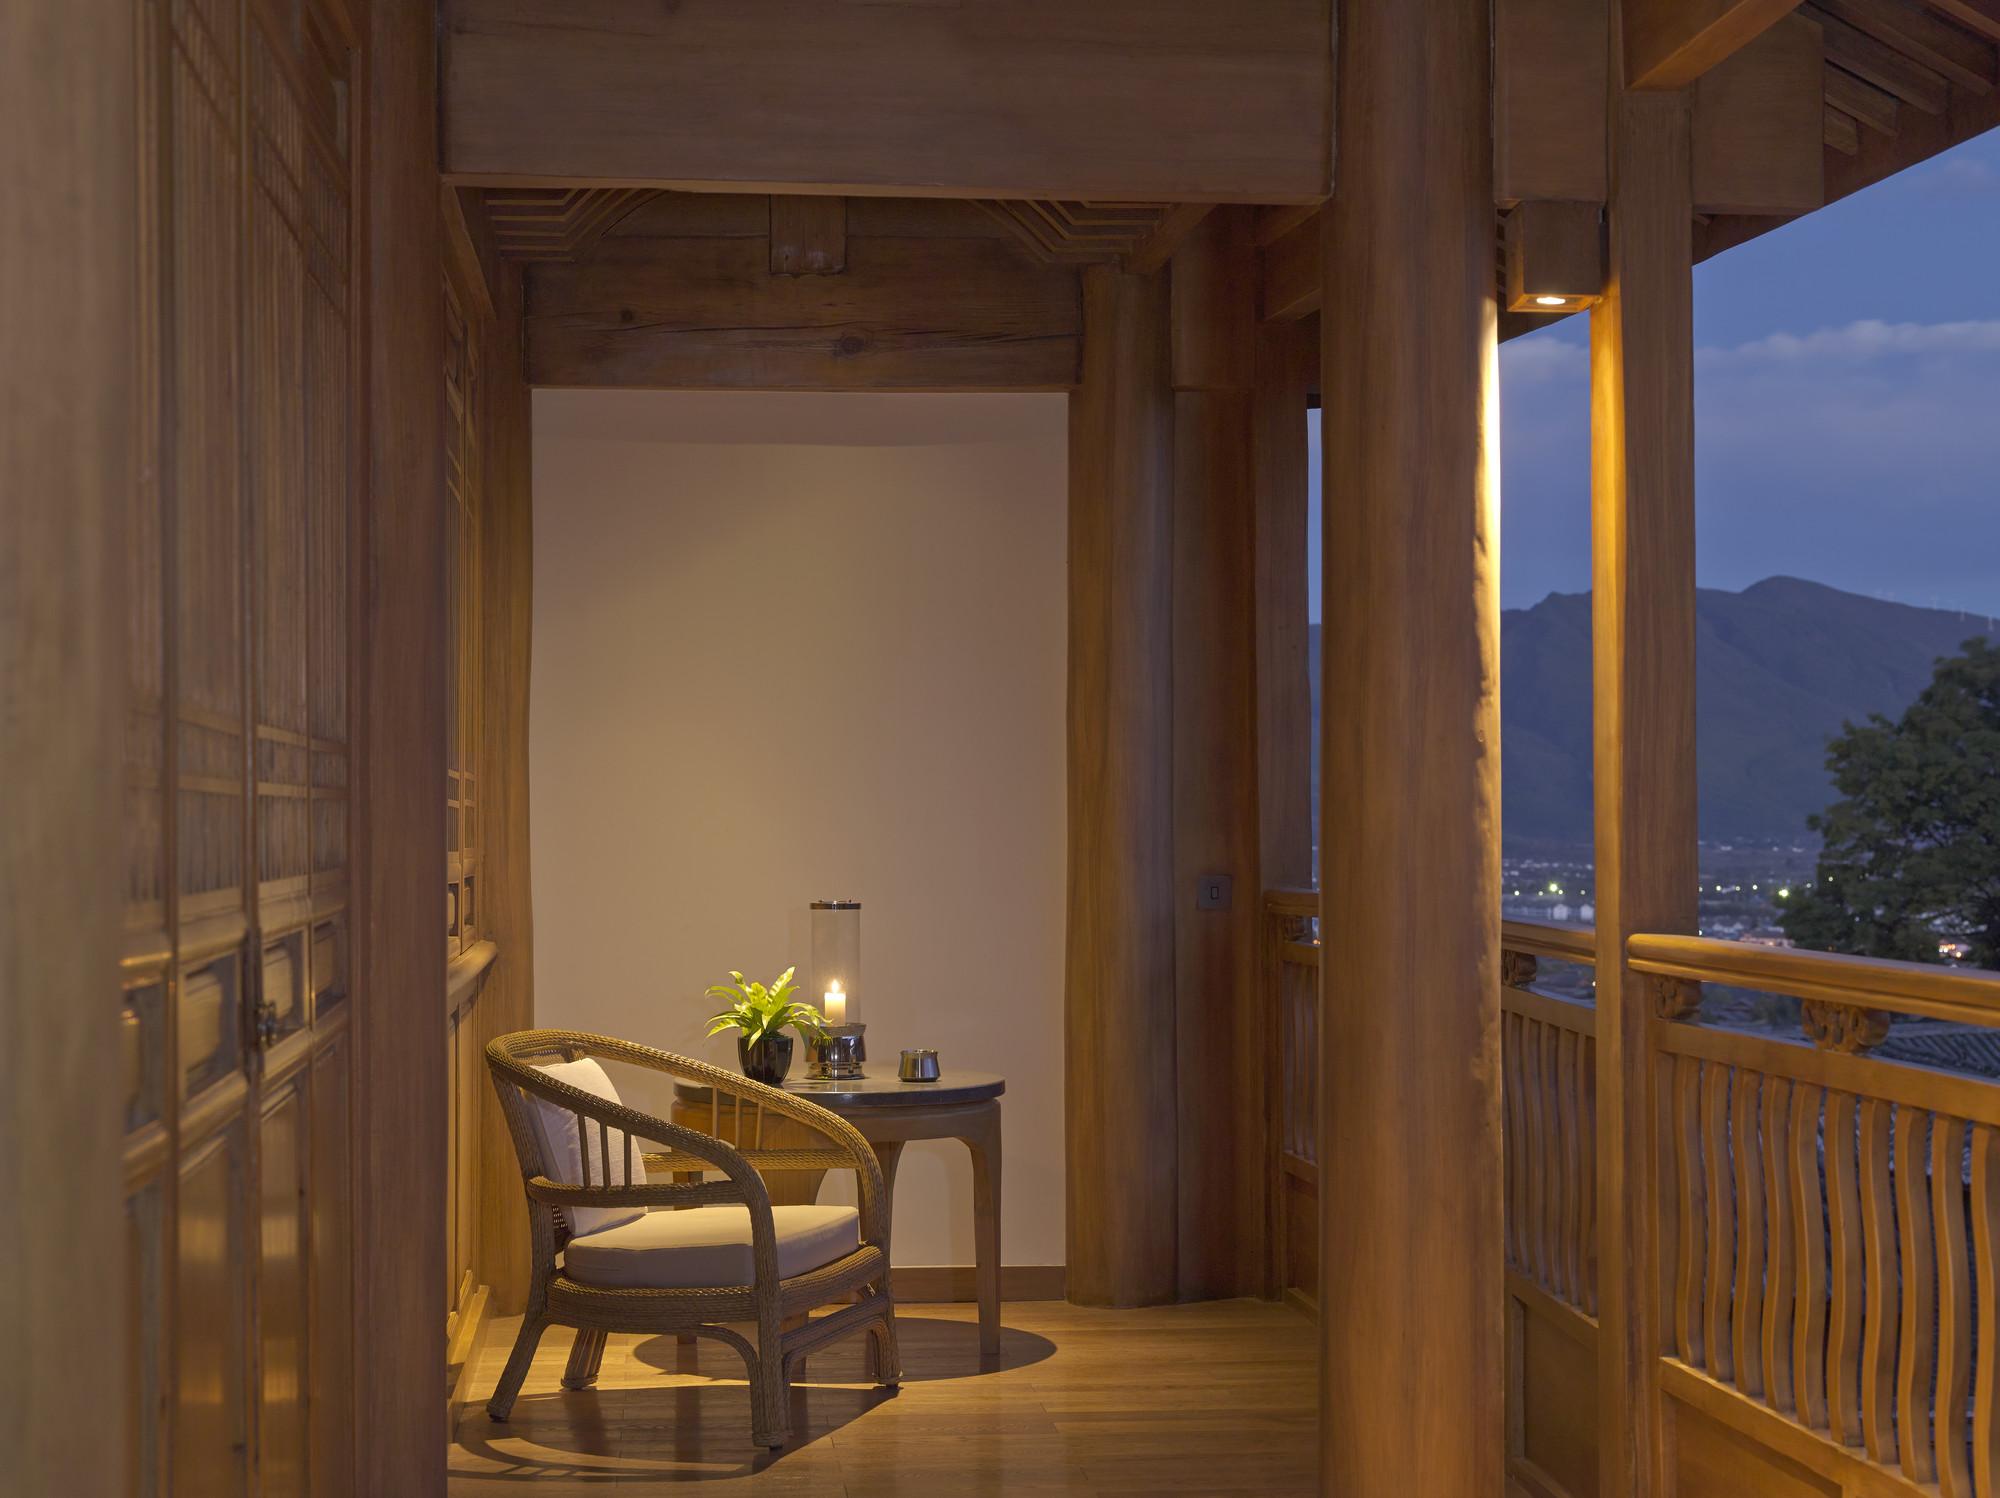 法瑞儿_北京颐和安缦酒店设计 - 设计腕儿【腕儿案例】